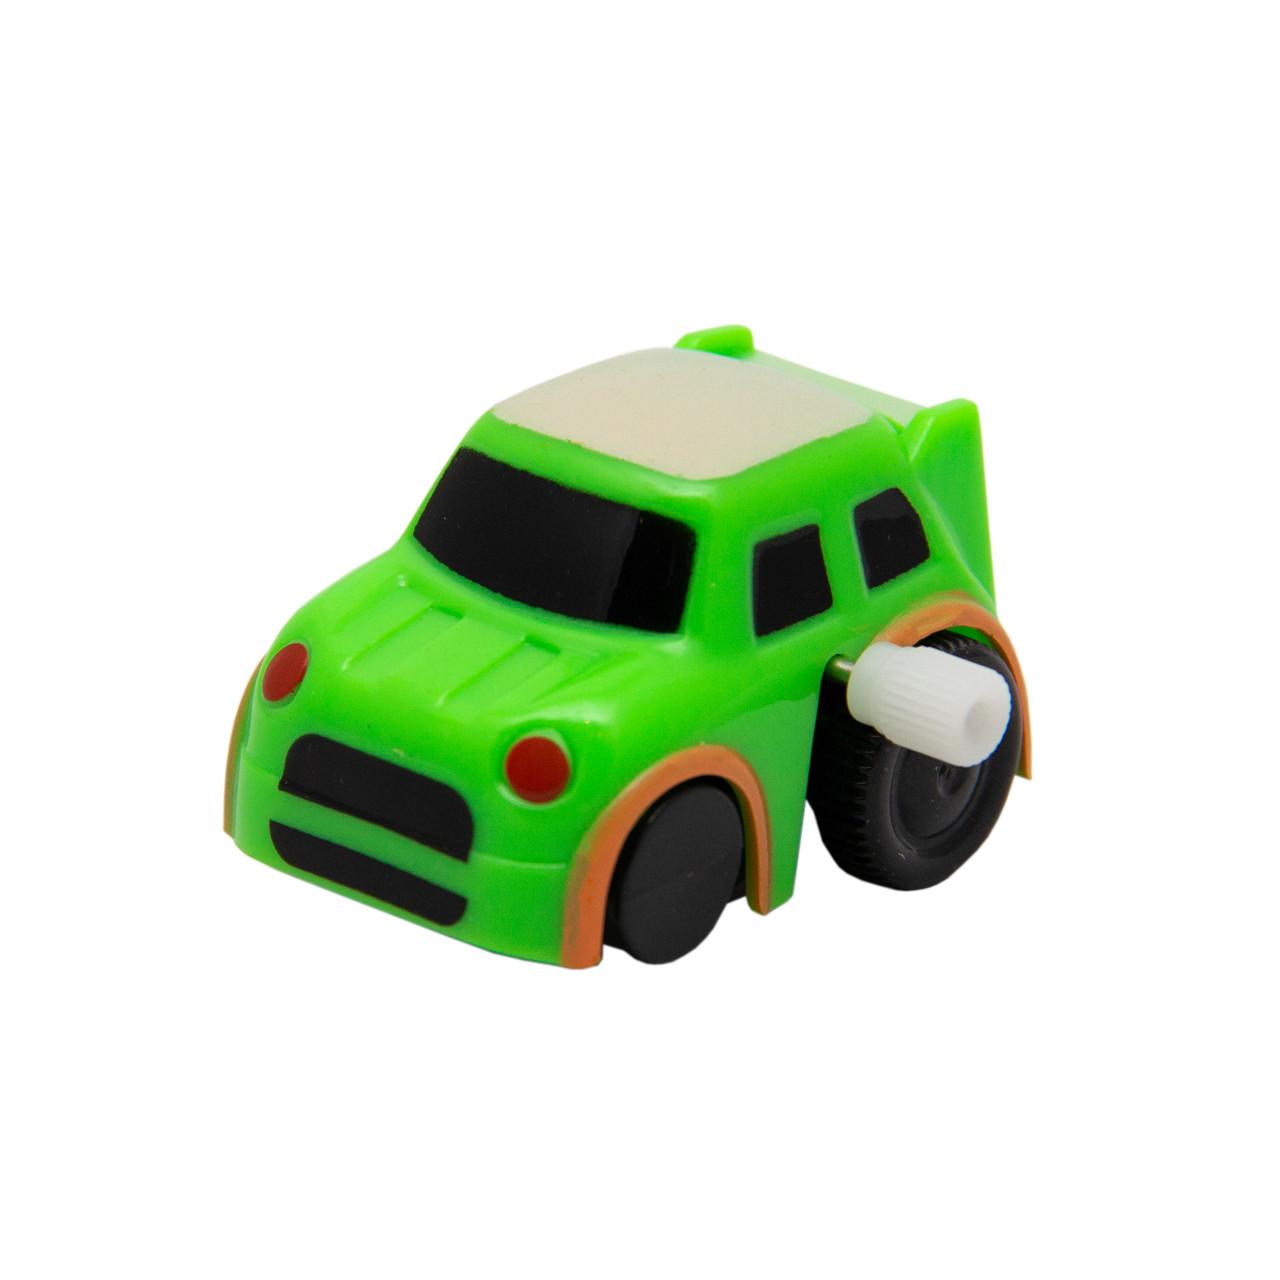 Машинка заводная Aohua зеленая, 4,5 см,пластик. (8058A-3-2)